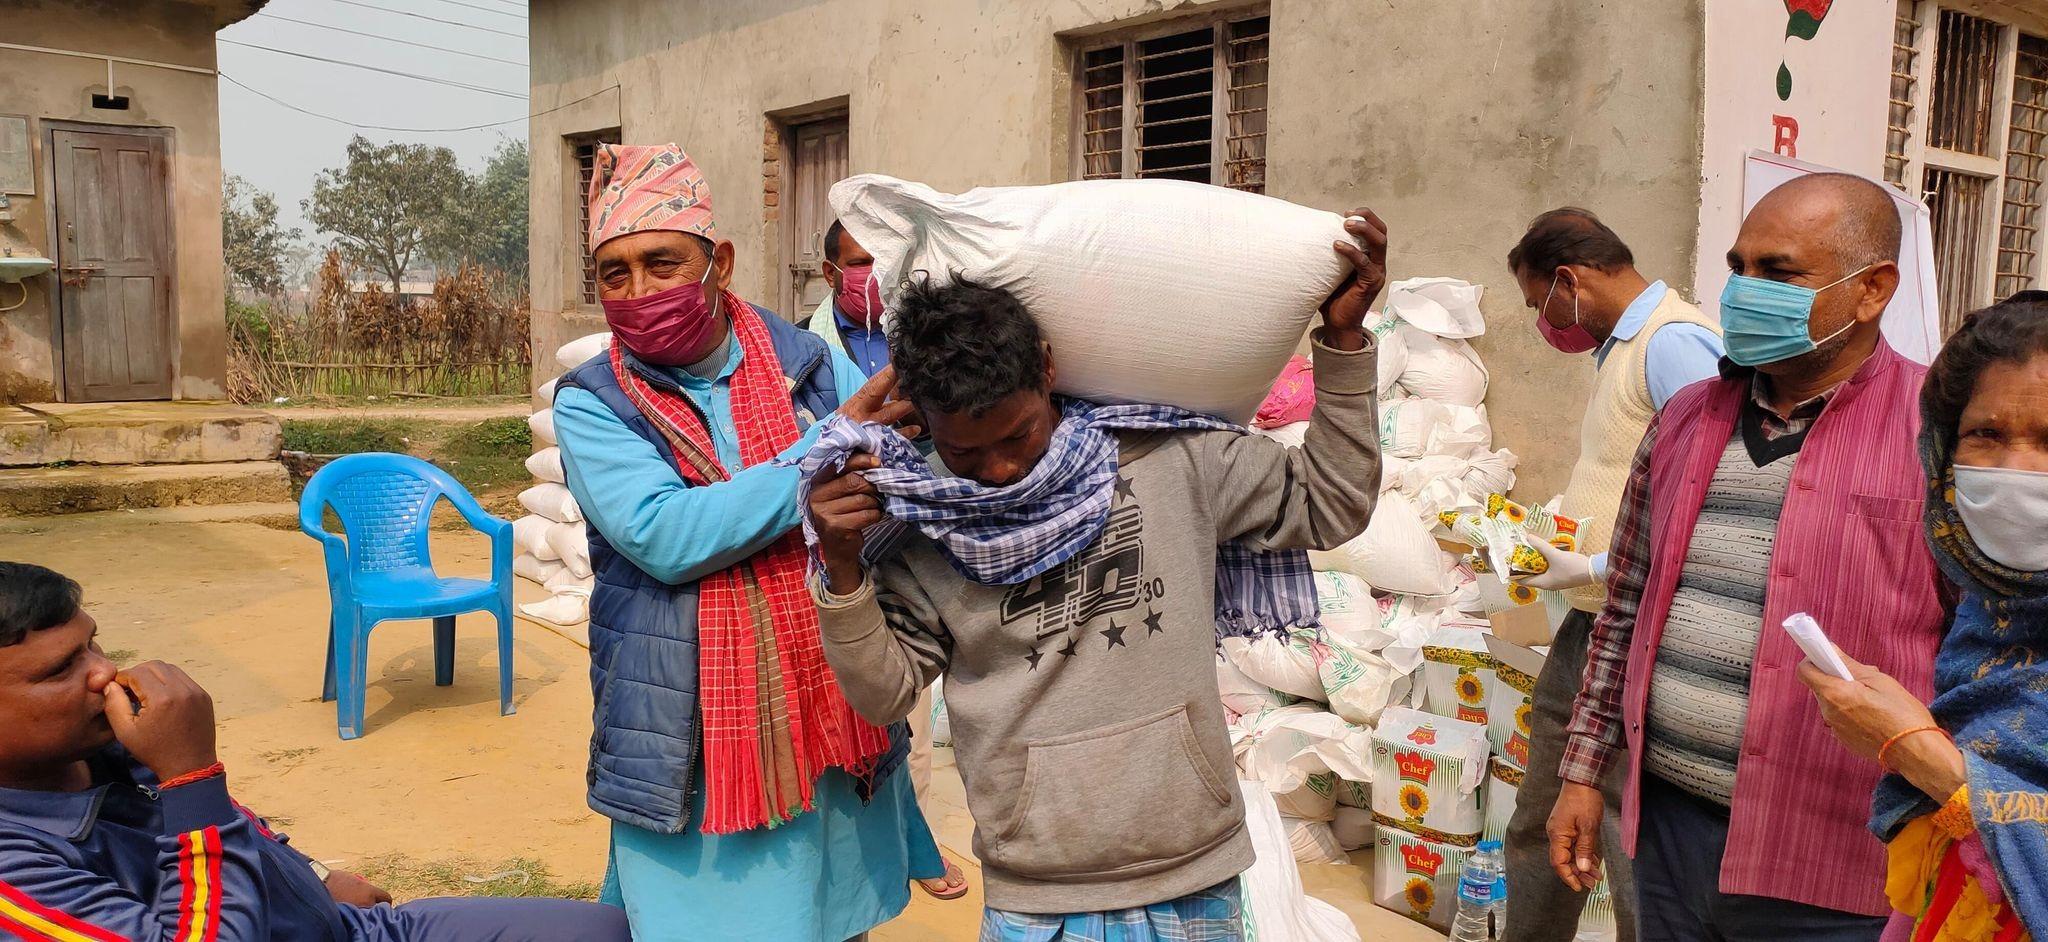 असमान नेपाले र जावास सस्थाको सहयोगमा ५०० घर परिवारलाई खाद्यान्न सामाग्री वितरण